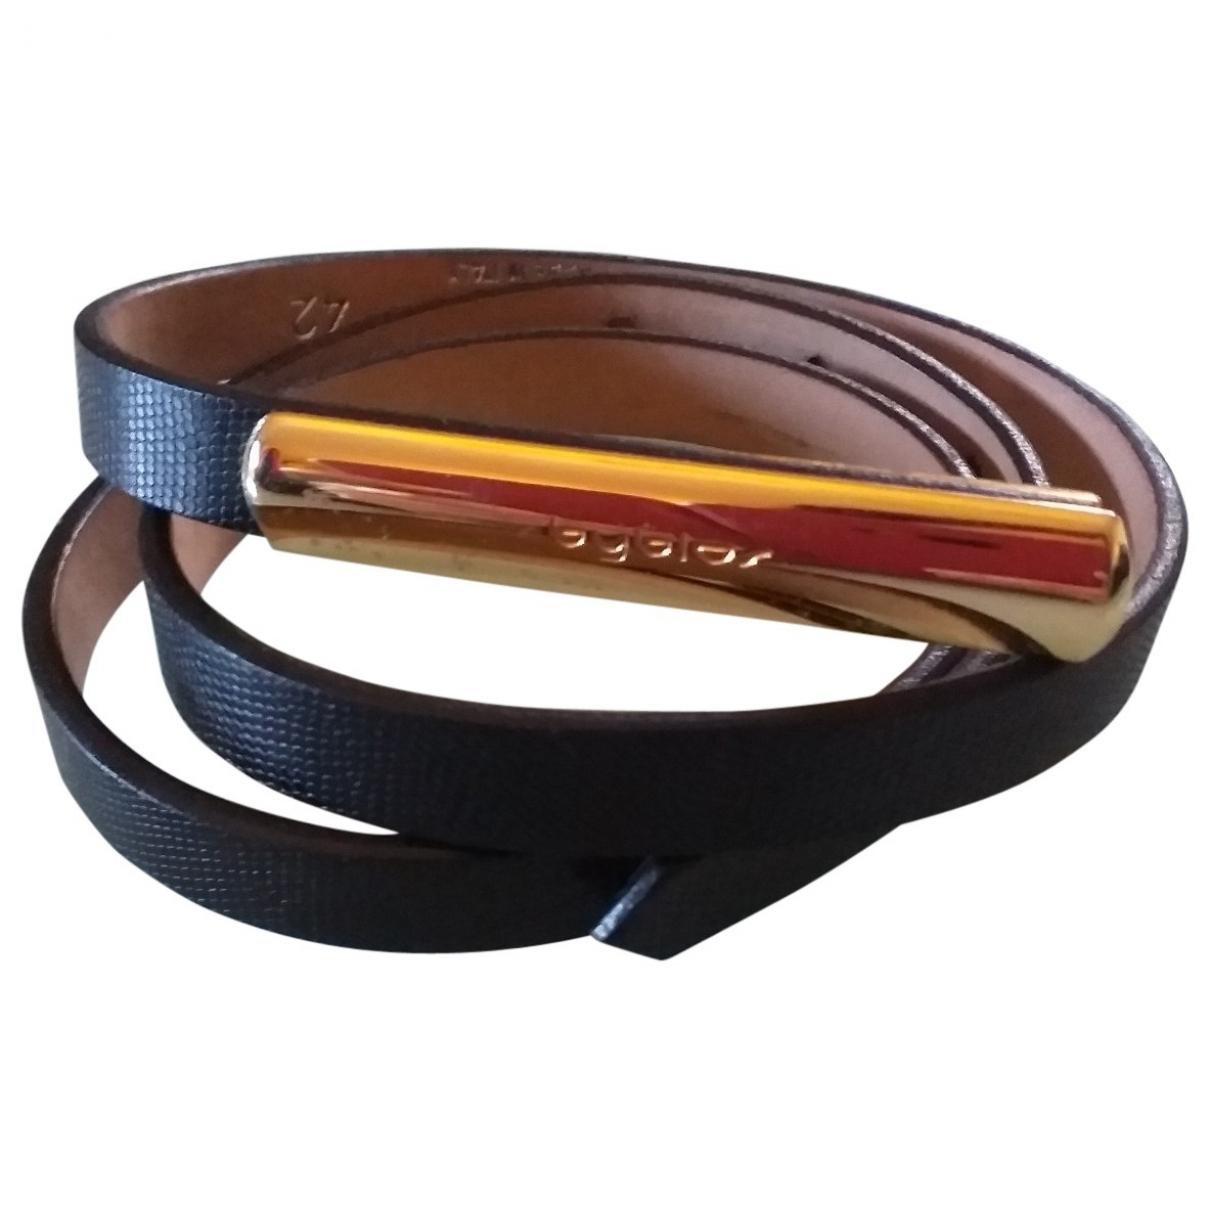 Cinturon de Cuero Byblos